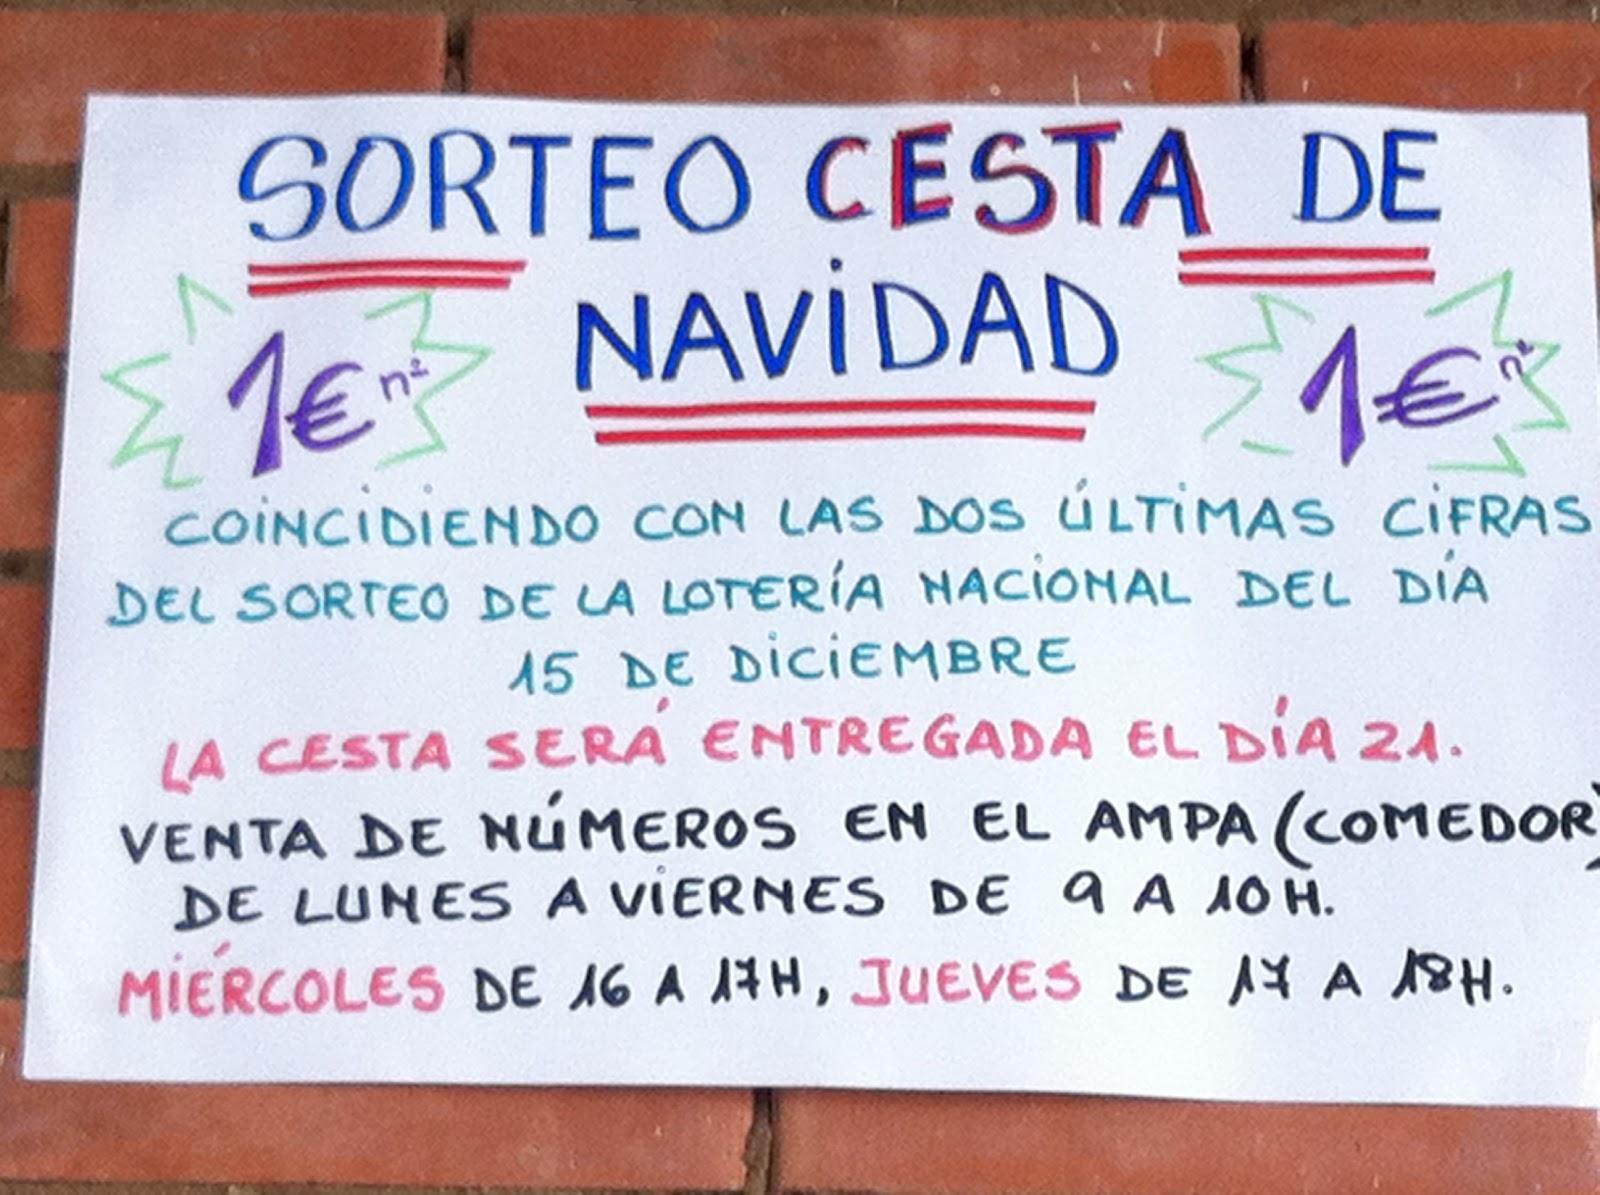 SORTEO CESTA NAVIDAD 2012